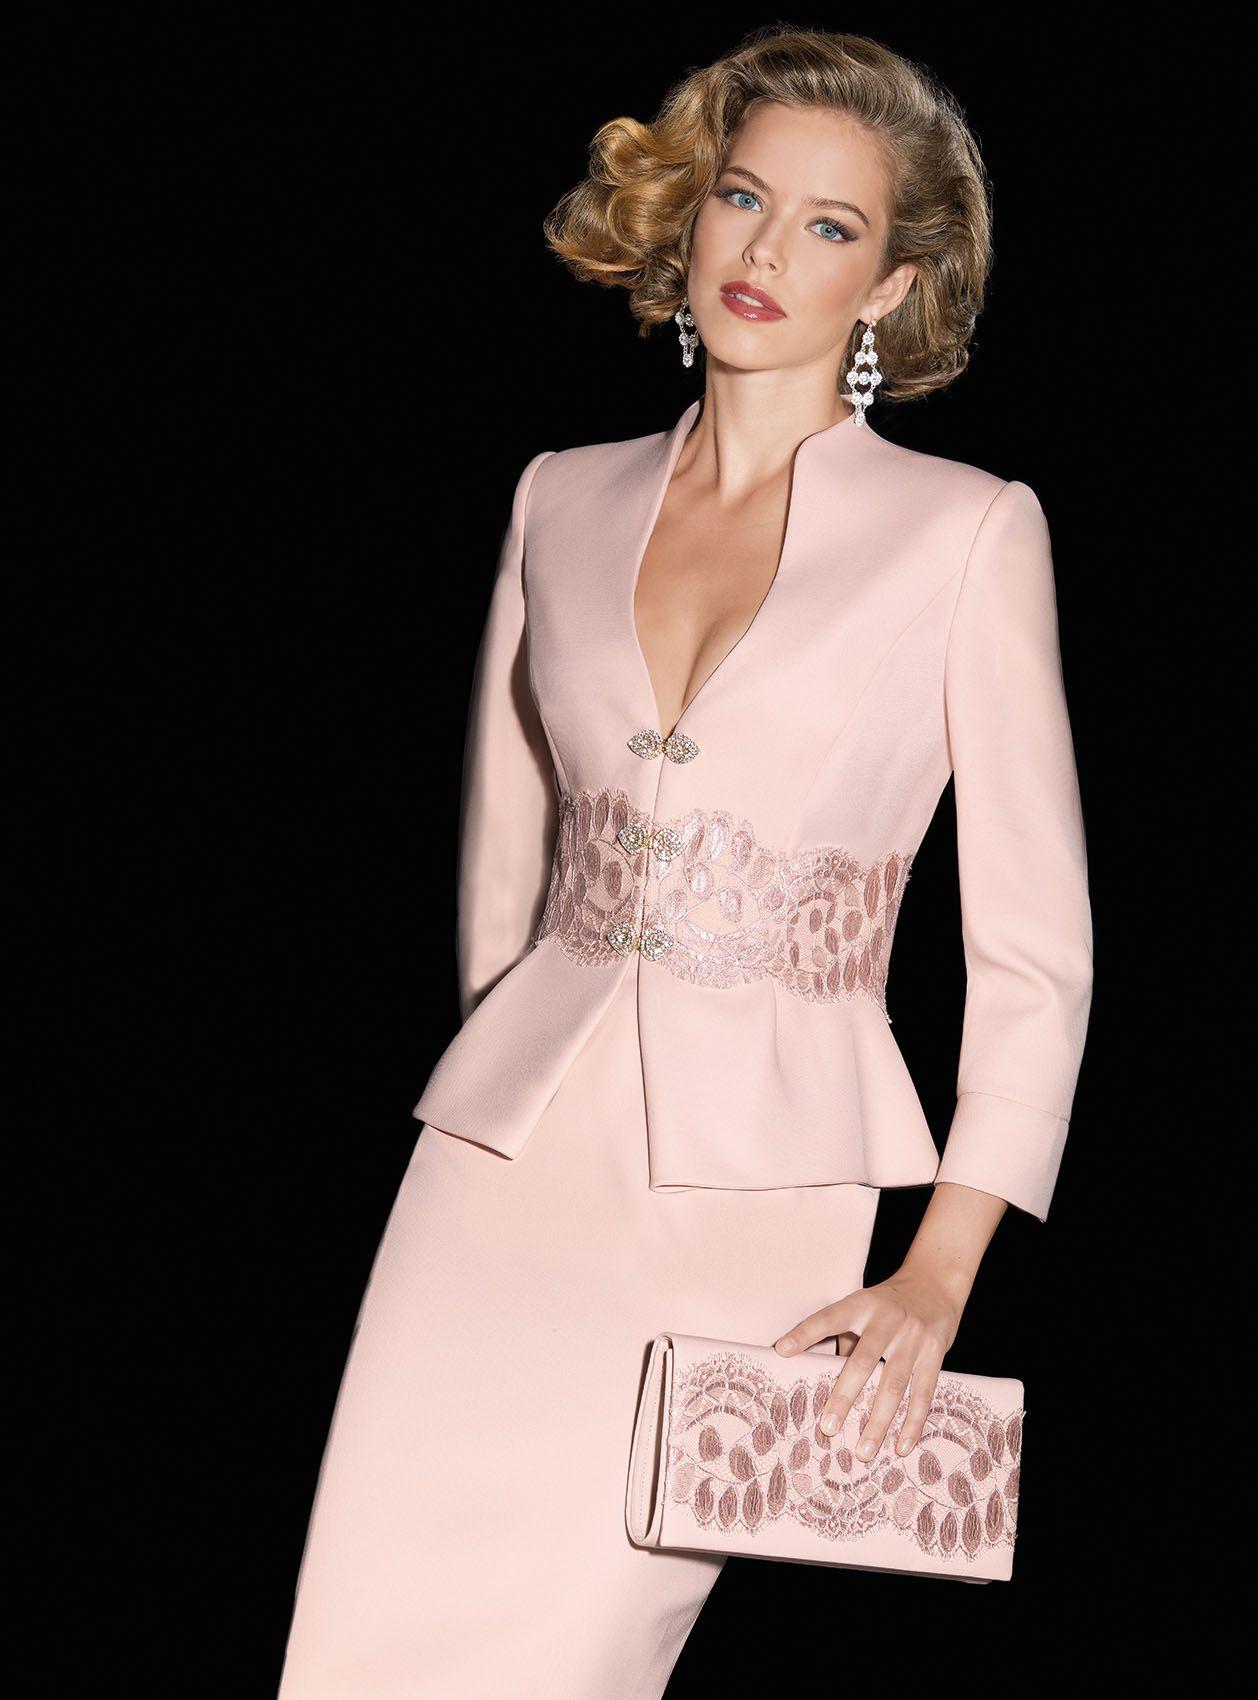 Traje de chaqueta para madrina modelo 3340 | colección 2014 Teresa ...